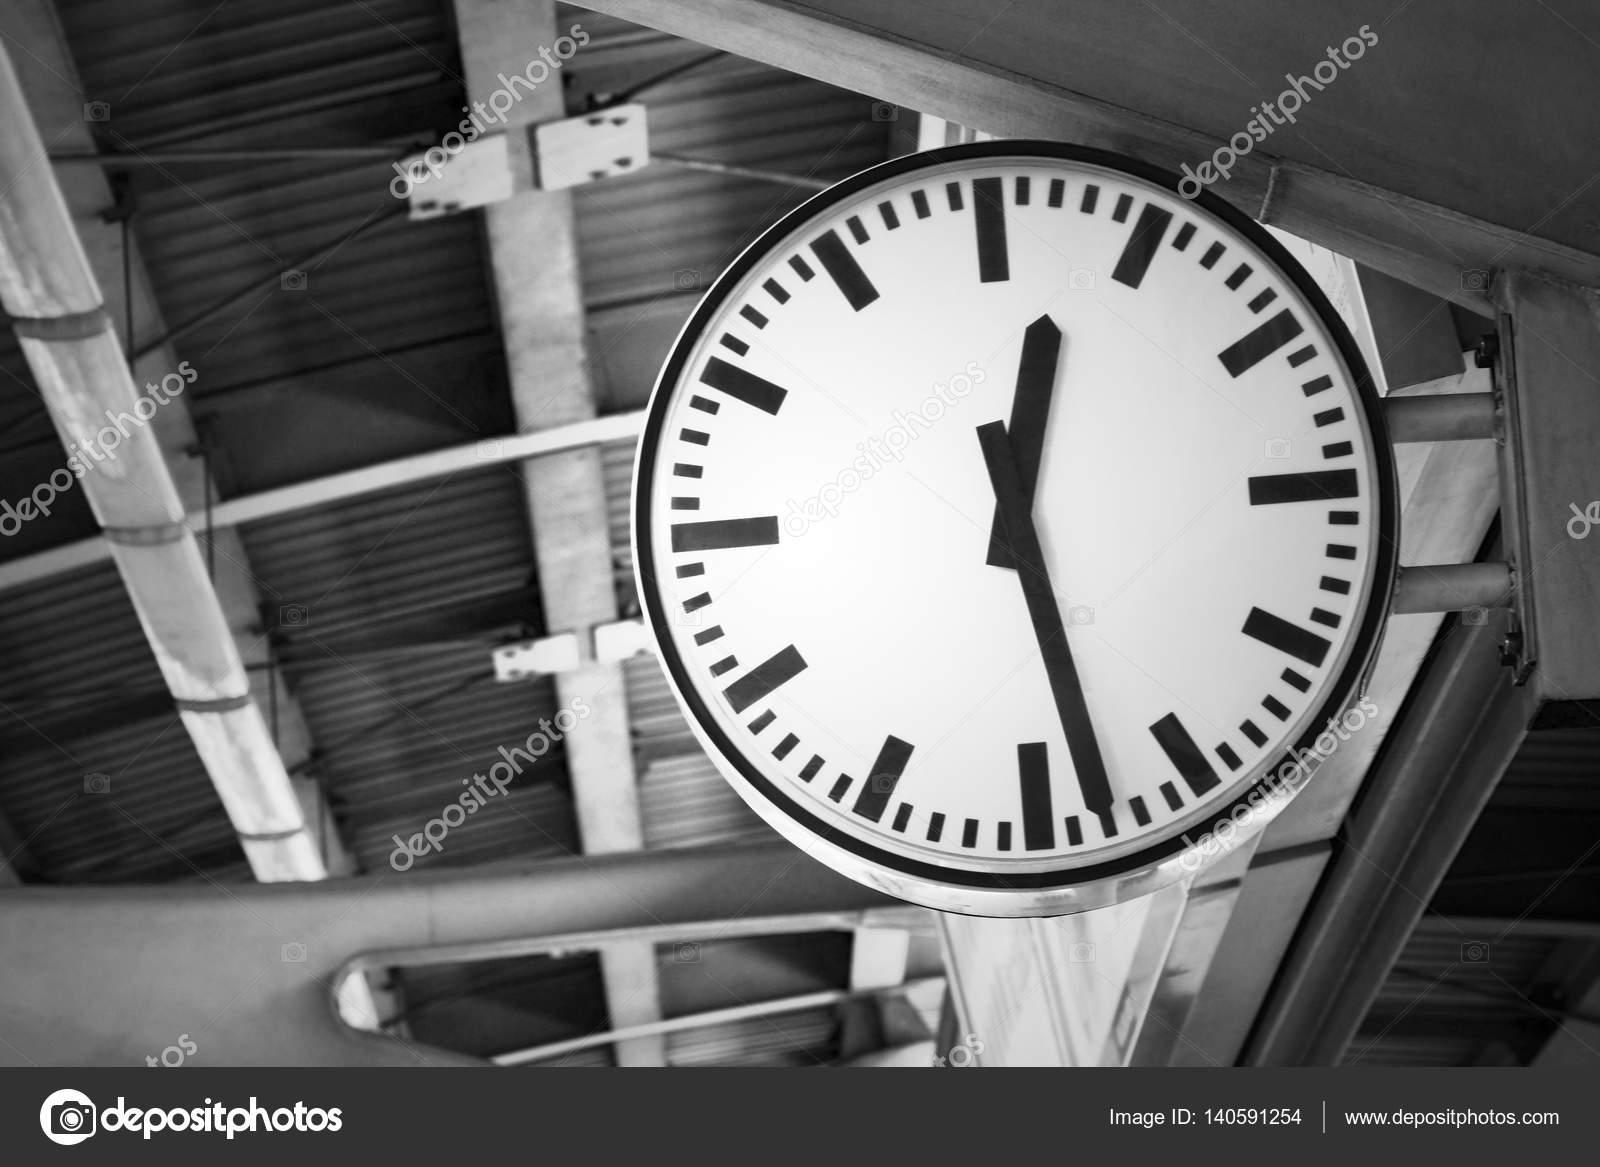 93a23233169 Imagem do relógio na estação de trem em tons preto e branco — Fotografia de  Stock